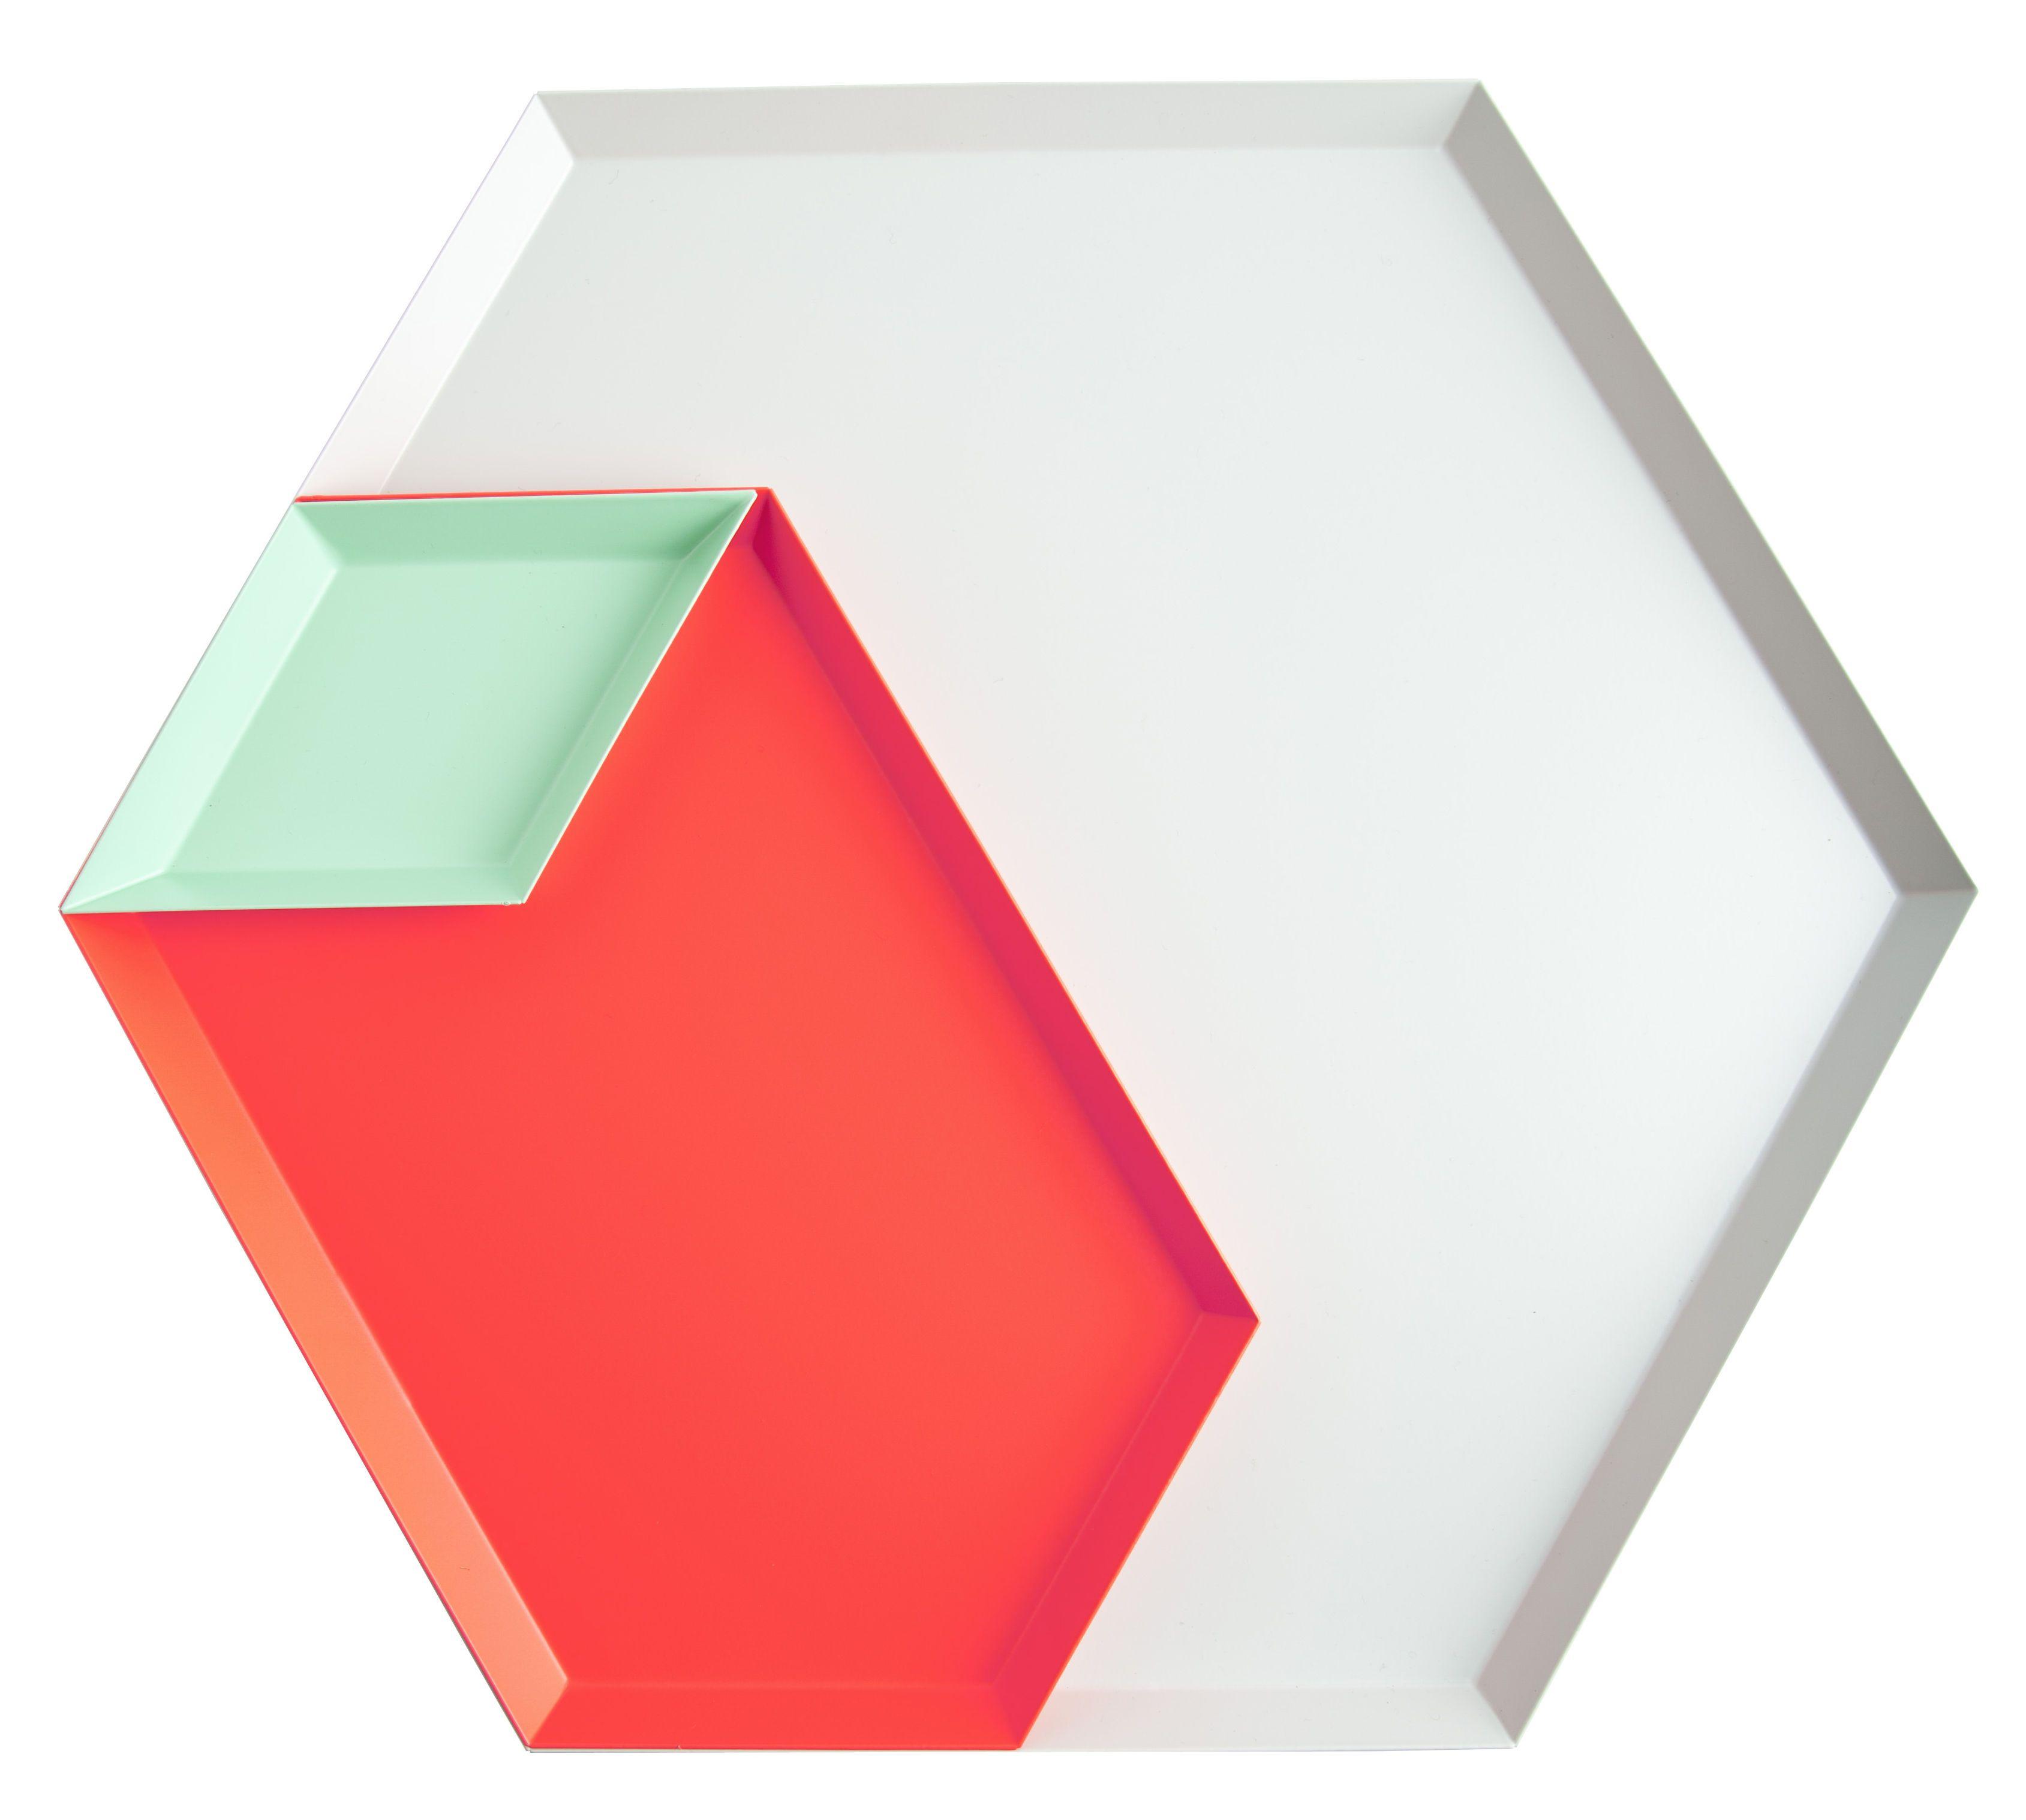 Hay Tablett tablett kaleido 3er set groß groß grau rot mintgrün